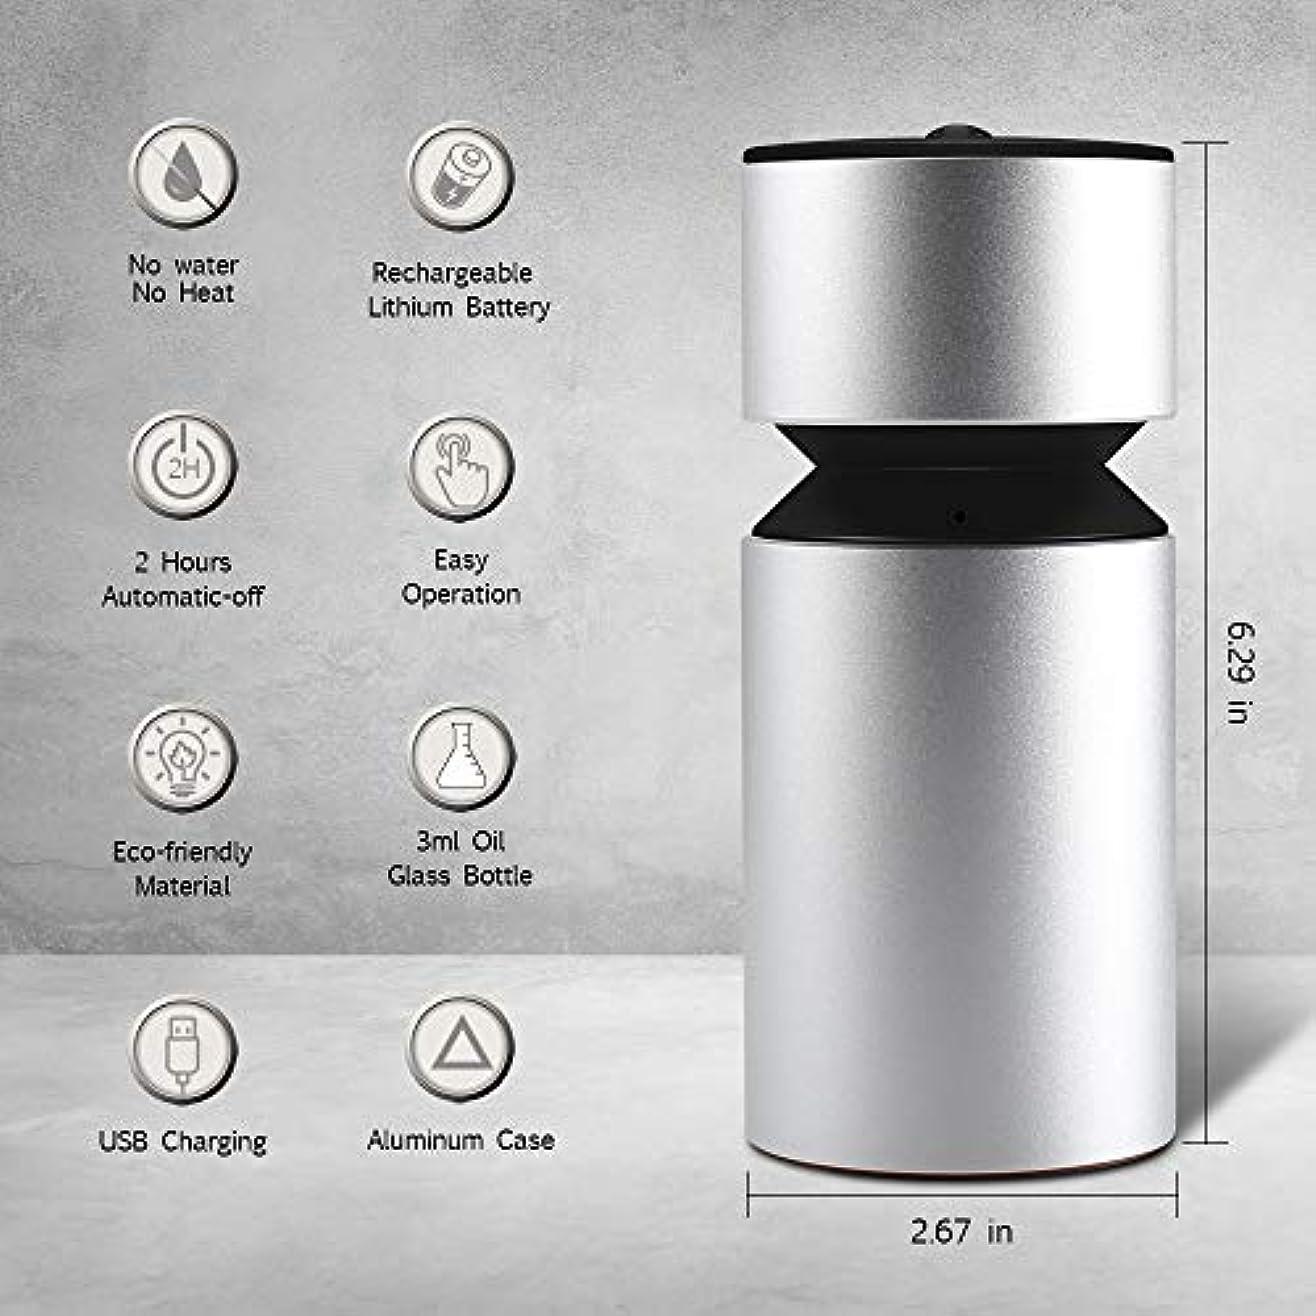 技術的な作る腐食する超音波アロマディフューザー、噴霧オイルディフューザー、ミニ3.0 USB充電式ネブライザーアロマアロマアロマ用アロマ